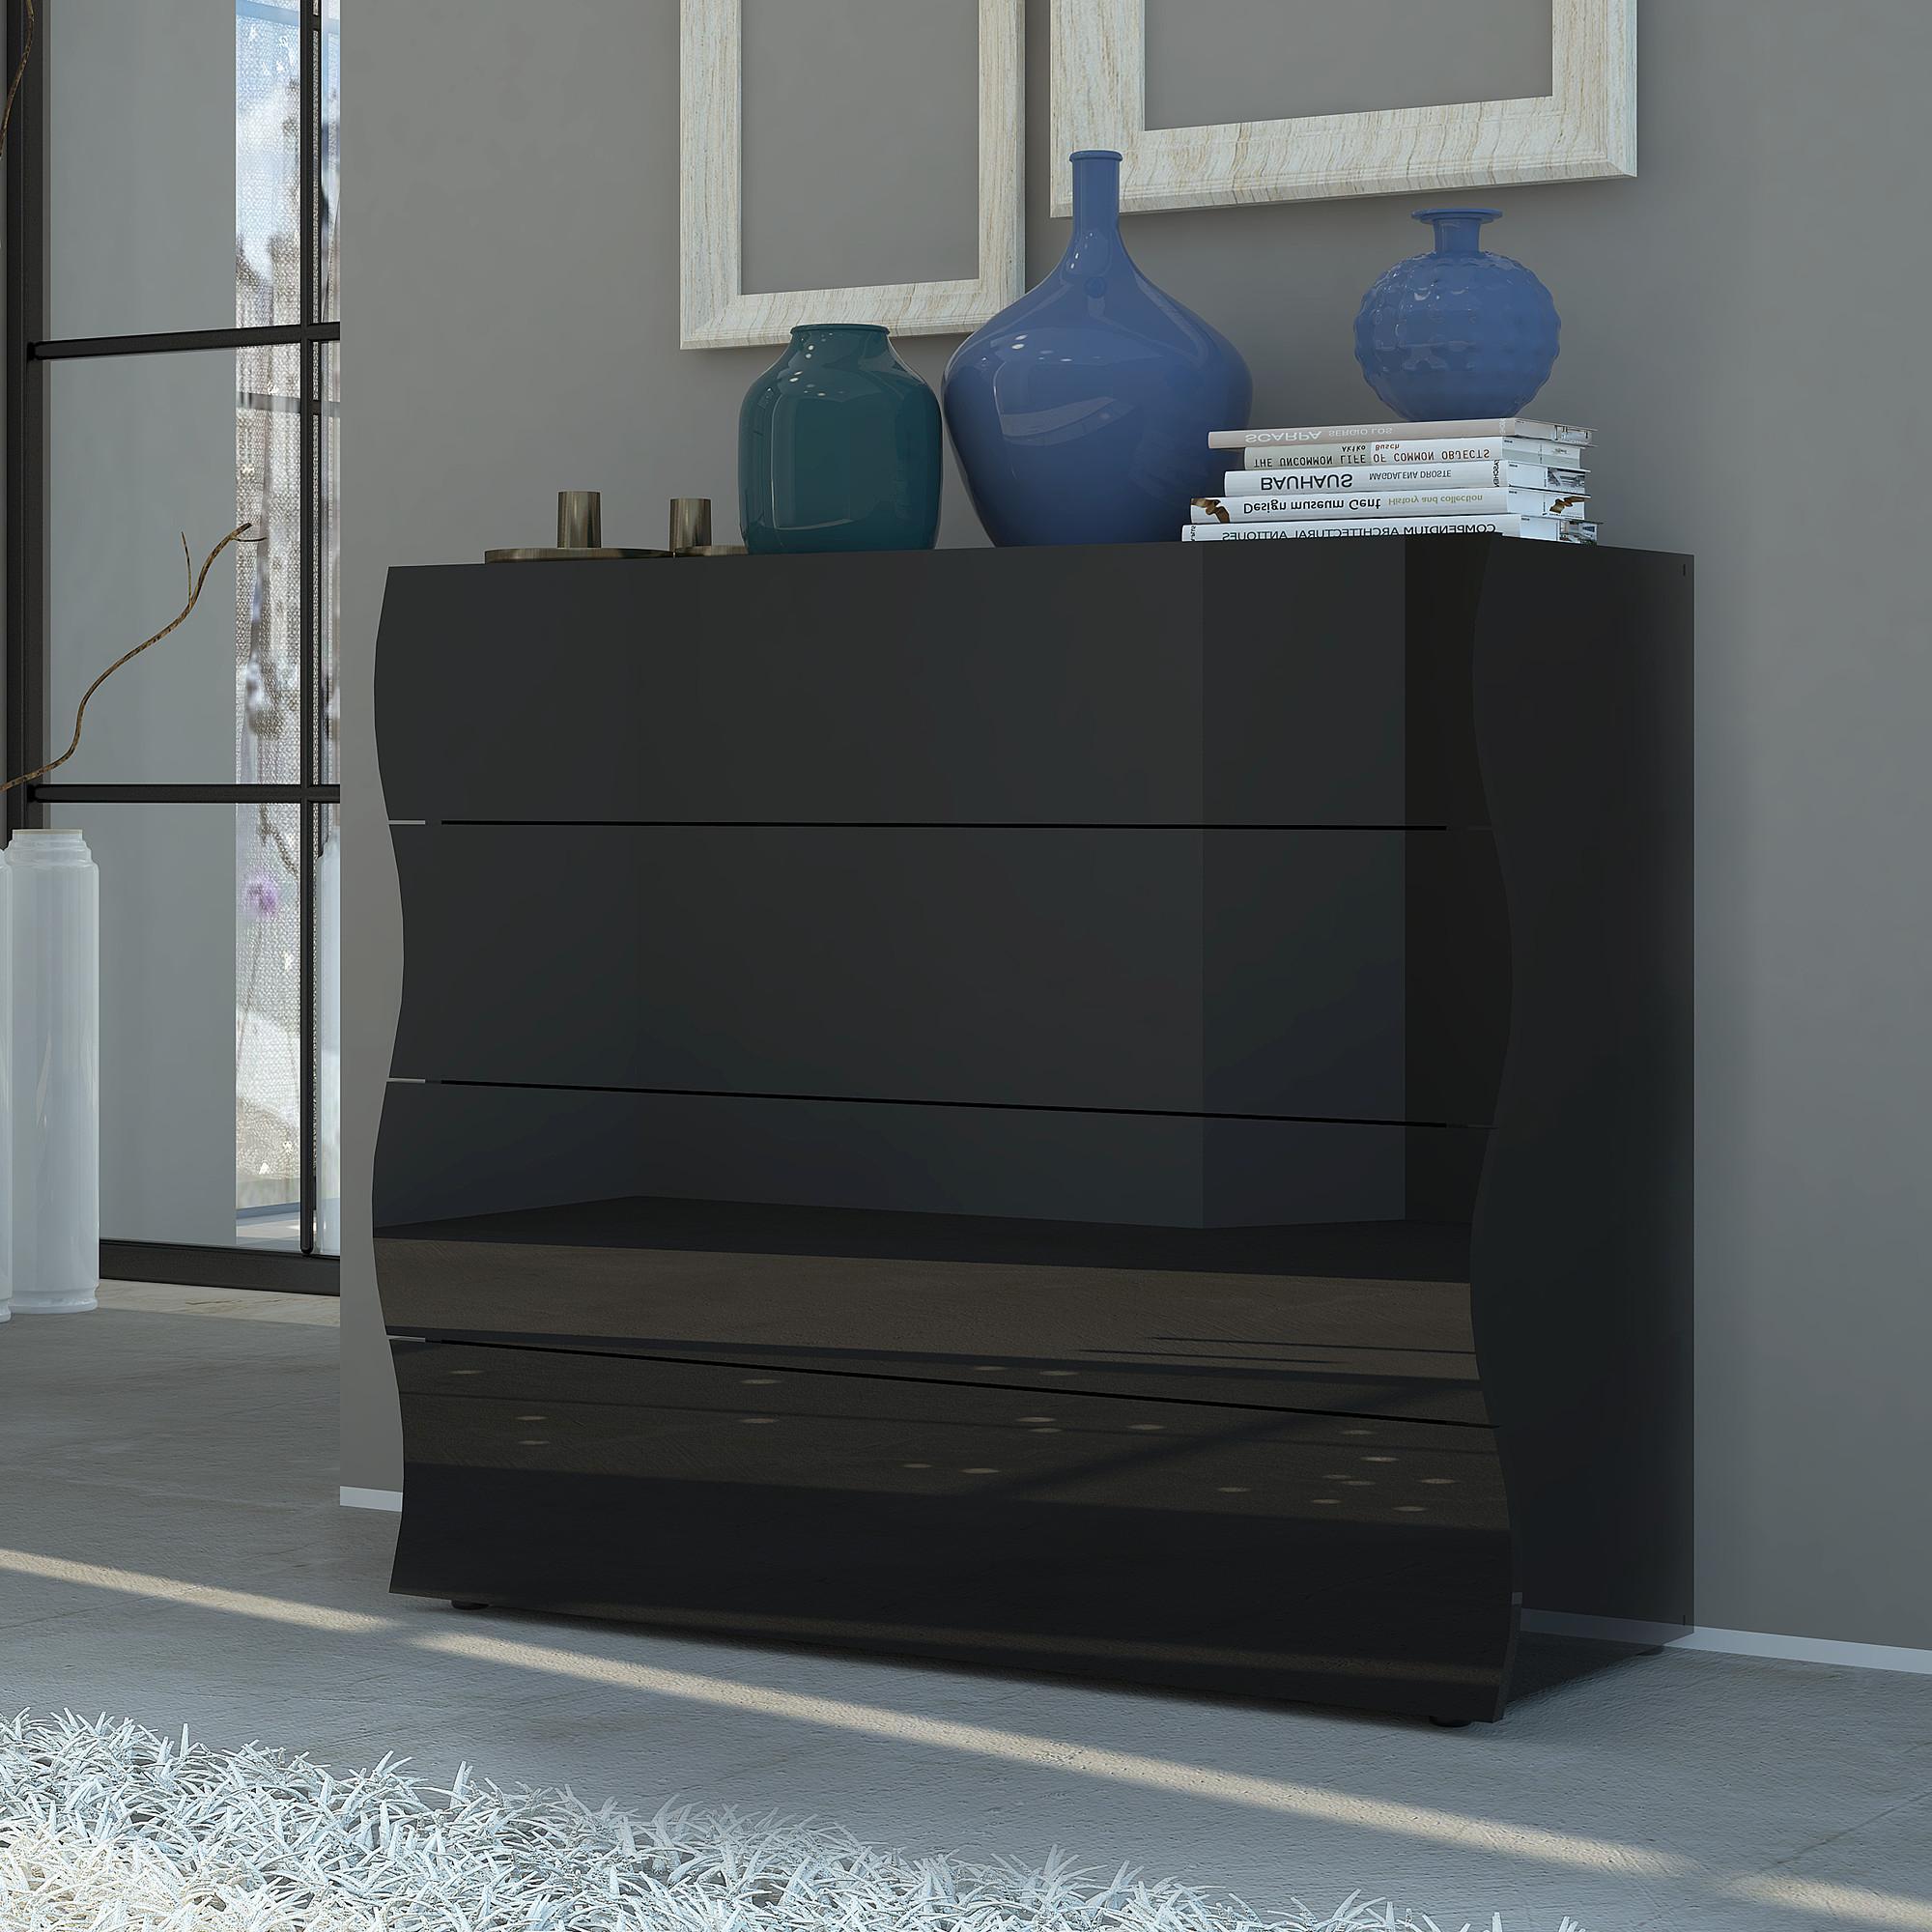 Cassettiera como 98x40xh82 cm onda 4 cassetti nero lucido for Arredamento camera da letto nero